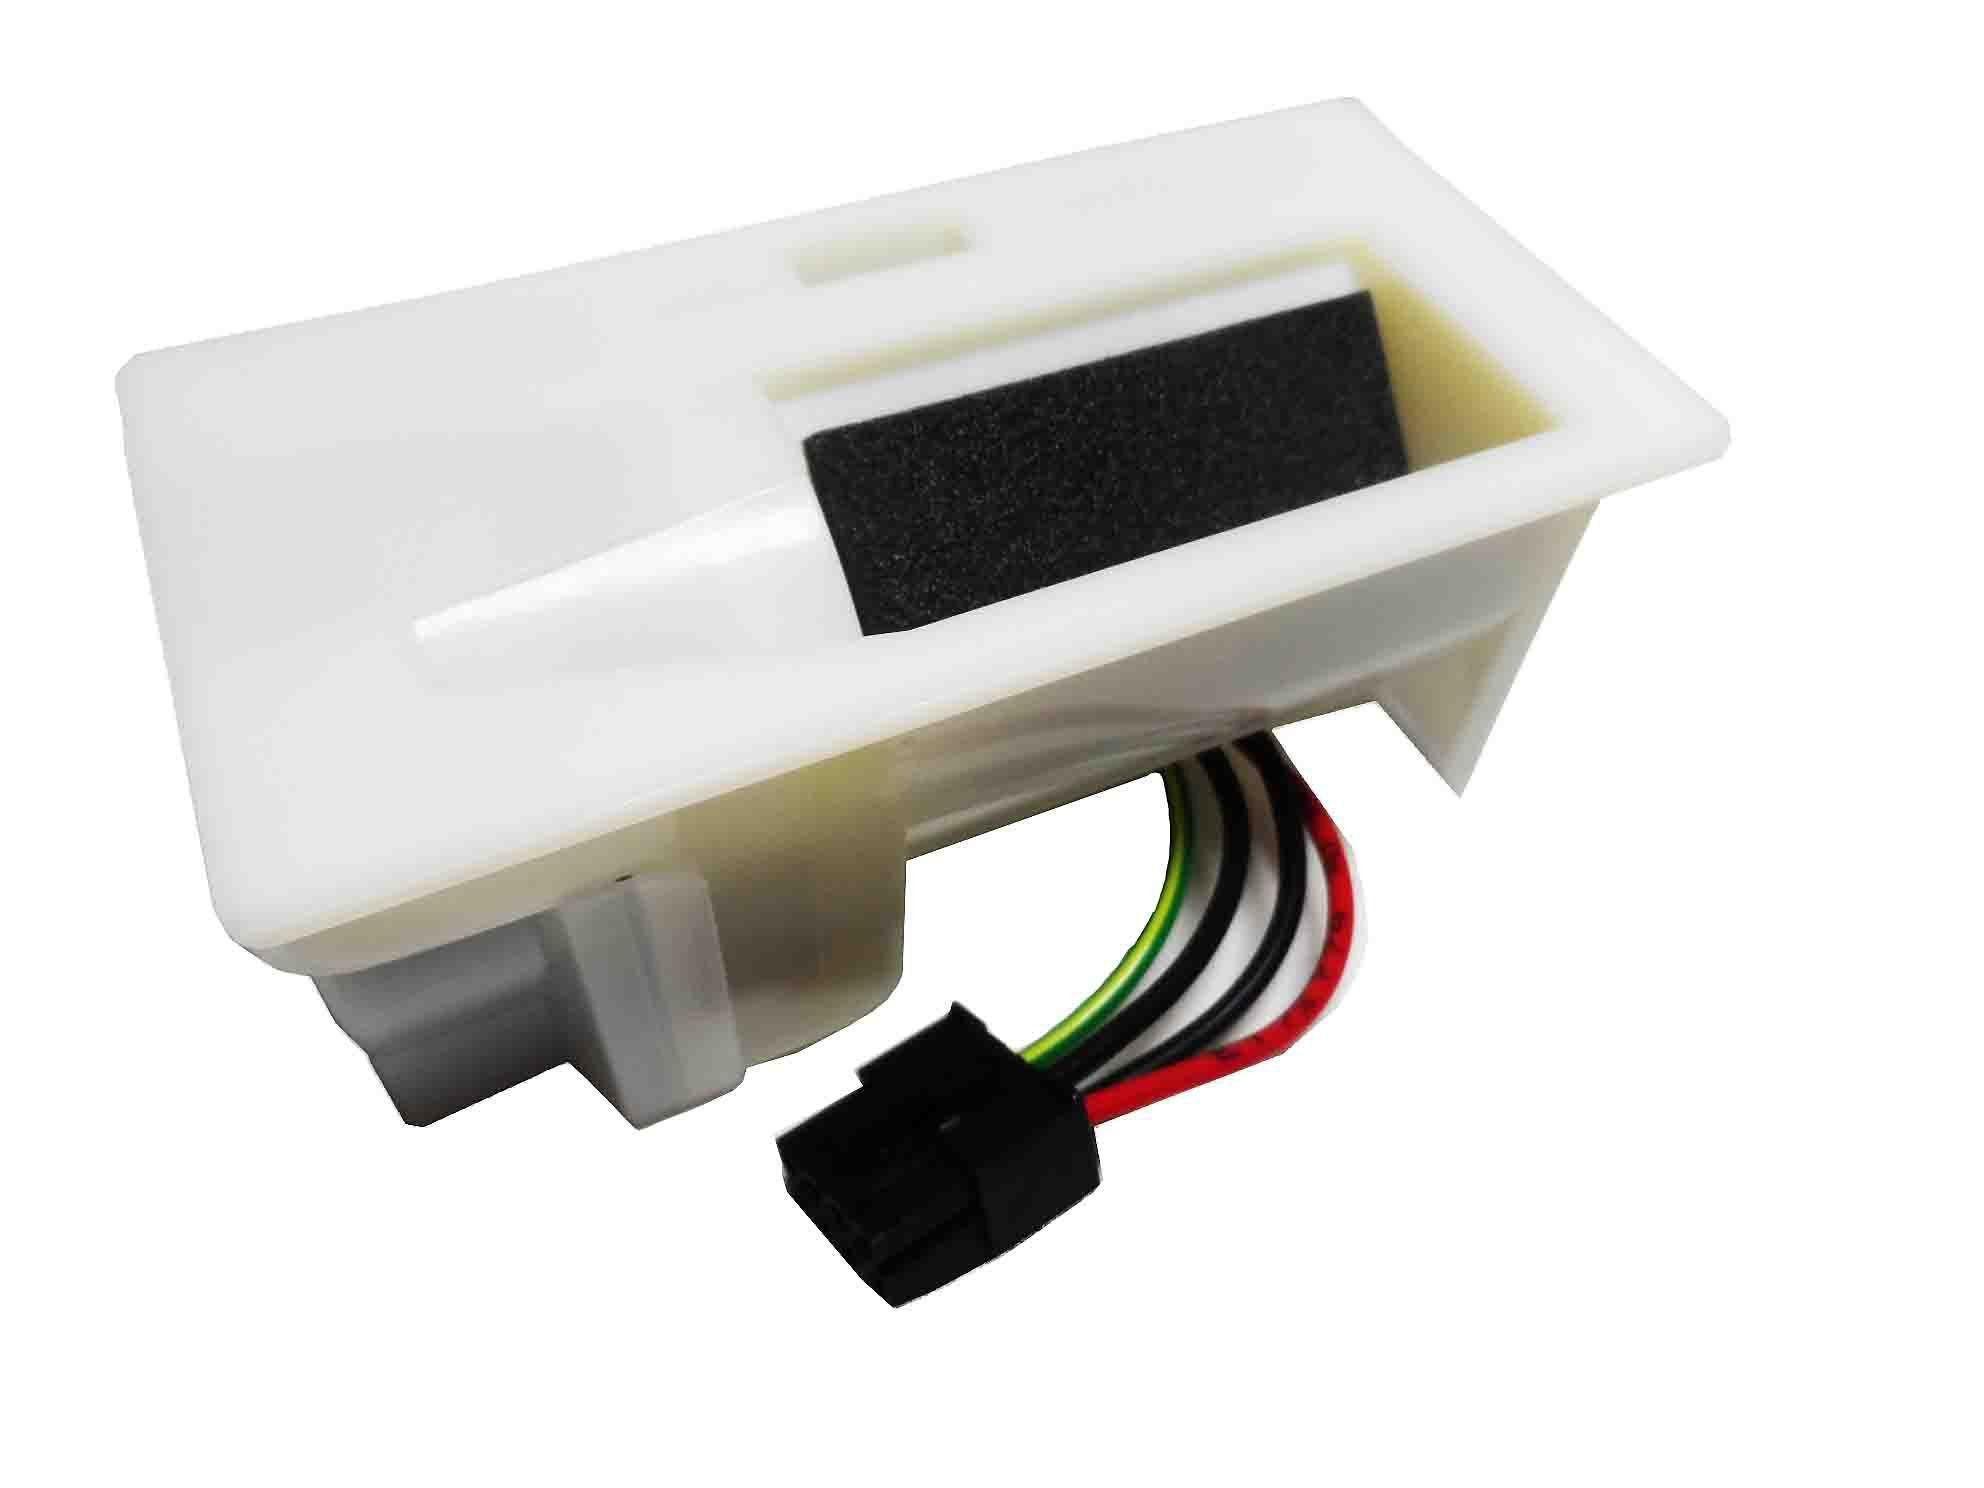 Damper Eletrônico Refrigerador Brastemp 220V W10257457